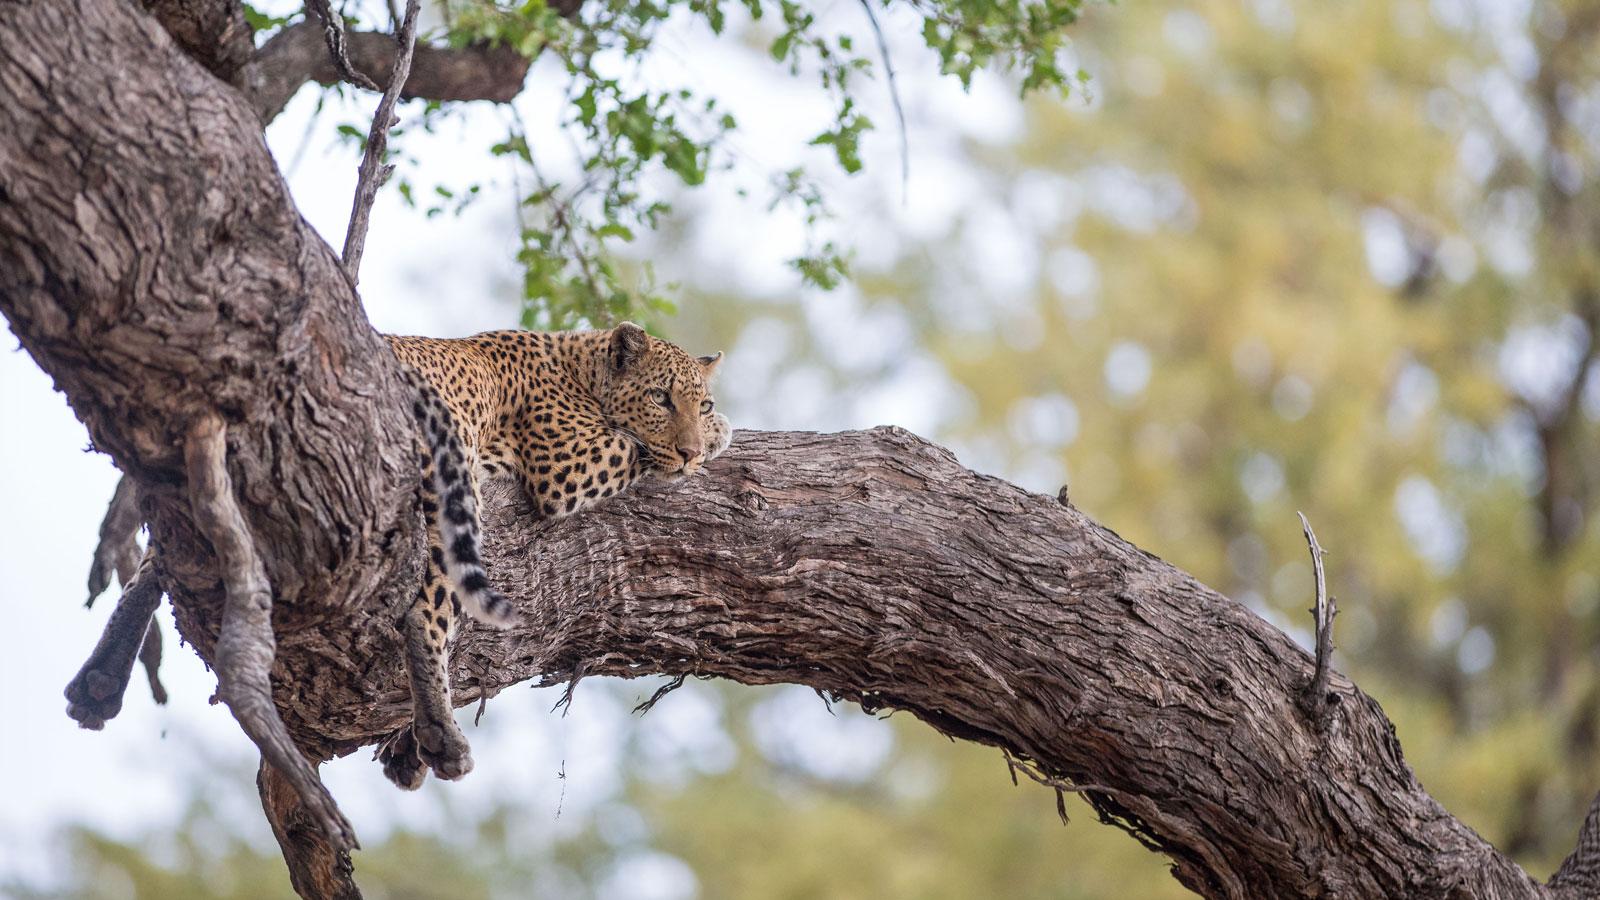 leopard Sambia Safari und reisen traveljunkies